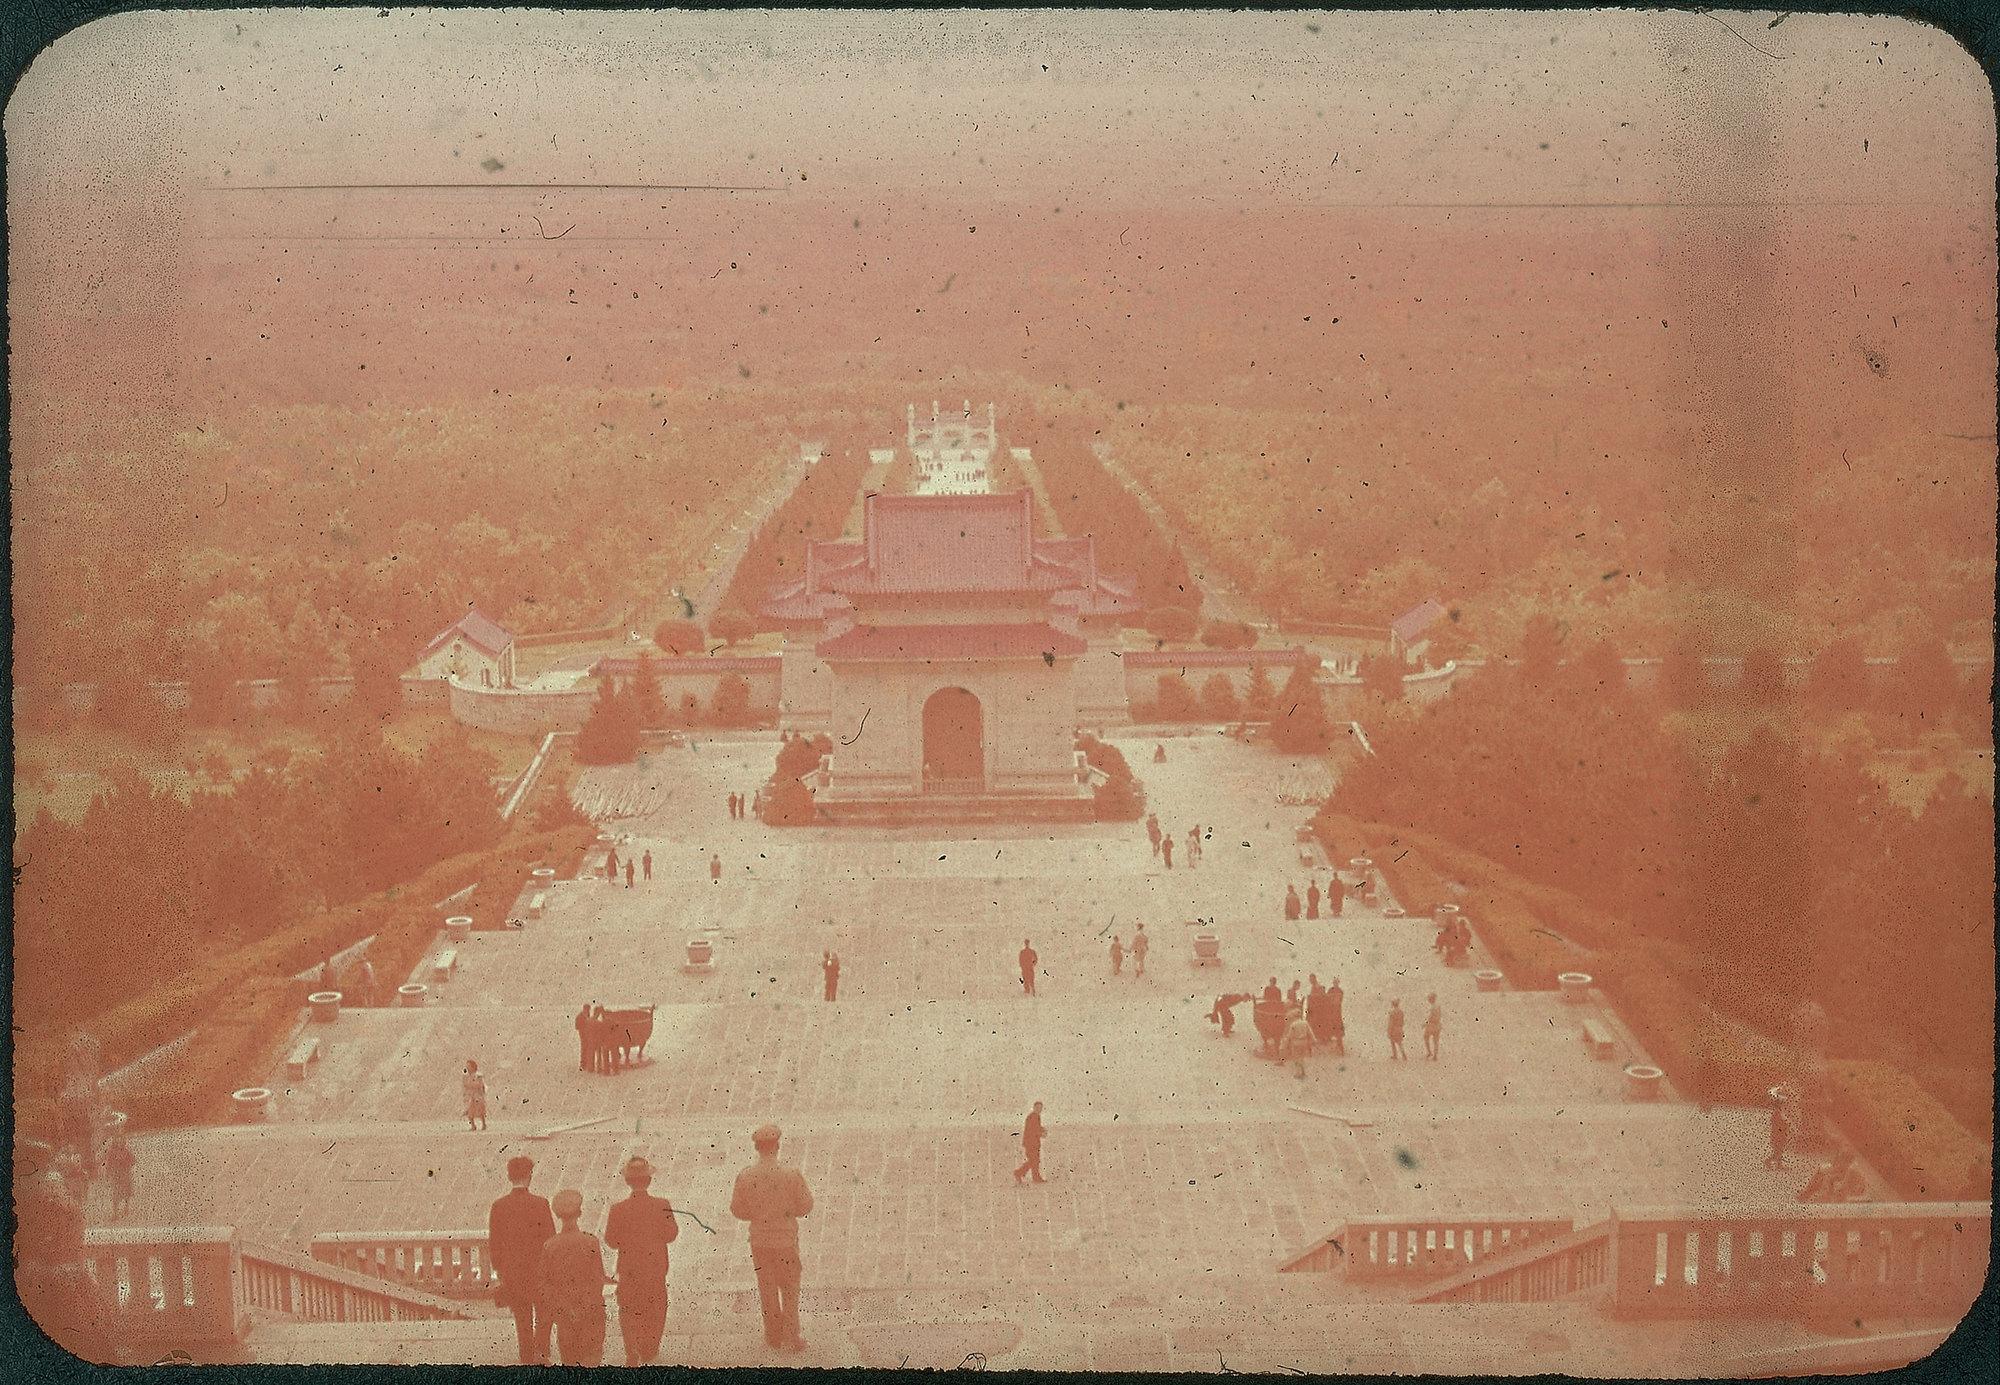 Hiller 09-040: Overlooking Sun Yat-sen Mausoleum